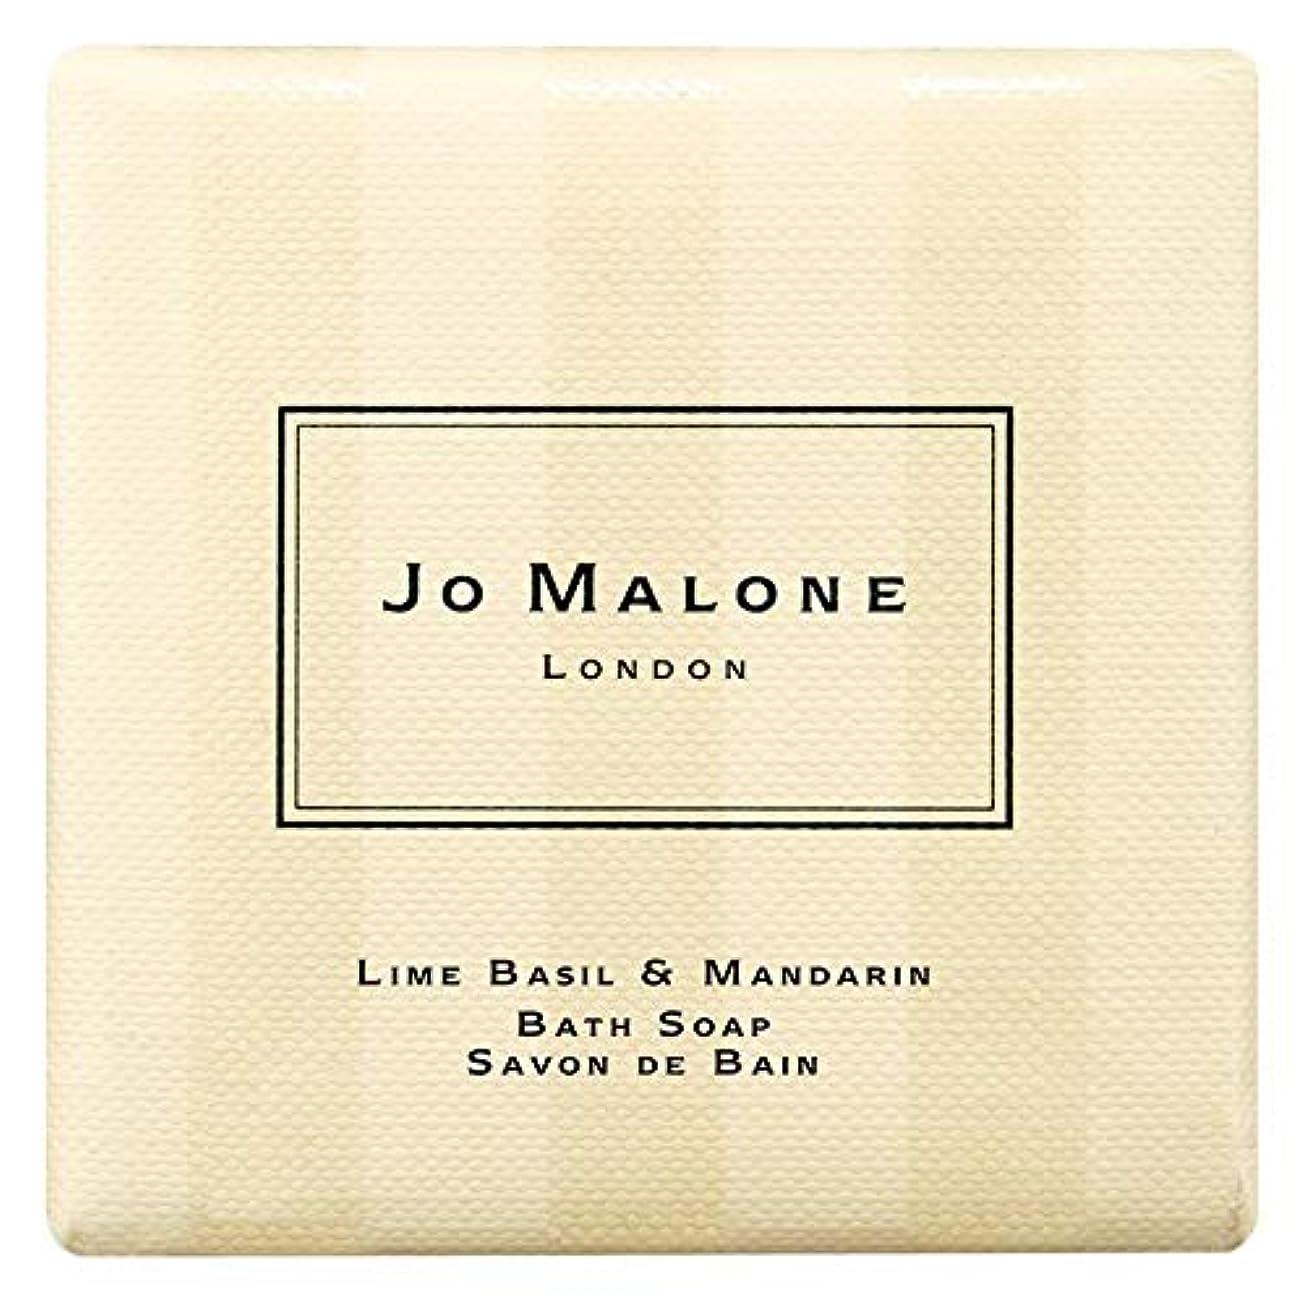 肉屋トラックパイプ[Jo Malone] ジョーマローンロンドンライムバジル&マンダリンお風呂の石鹸100グラム - Jo Malone London Lime Basil & Mandarin Bath Soap 100g [並行輸入品]